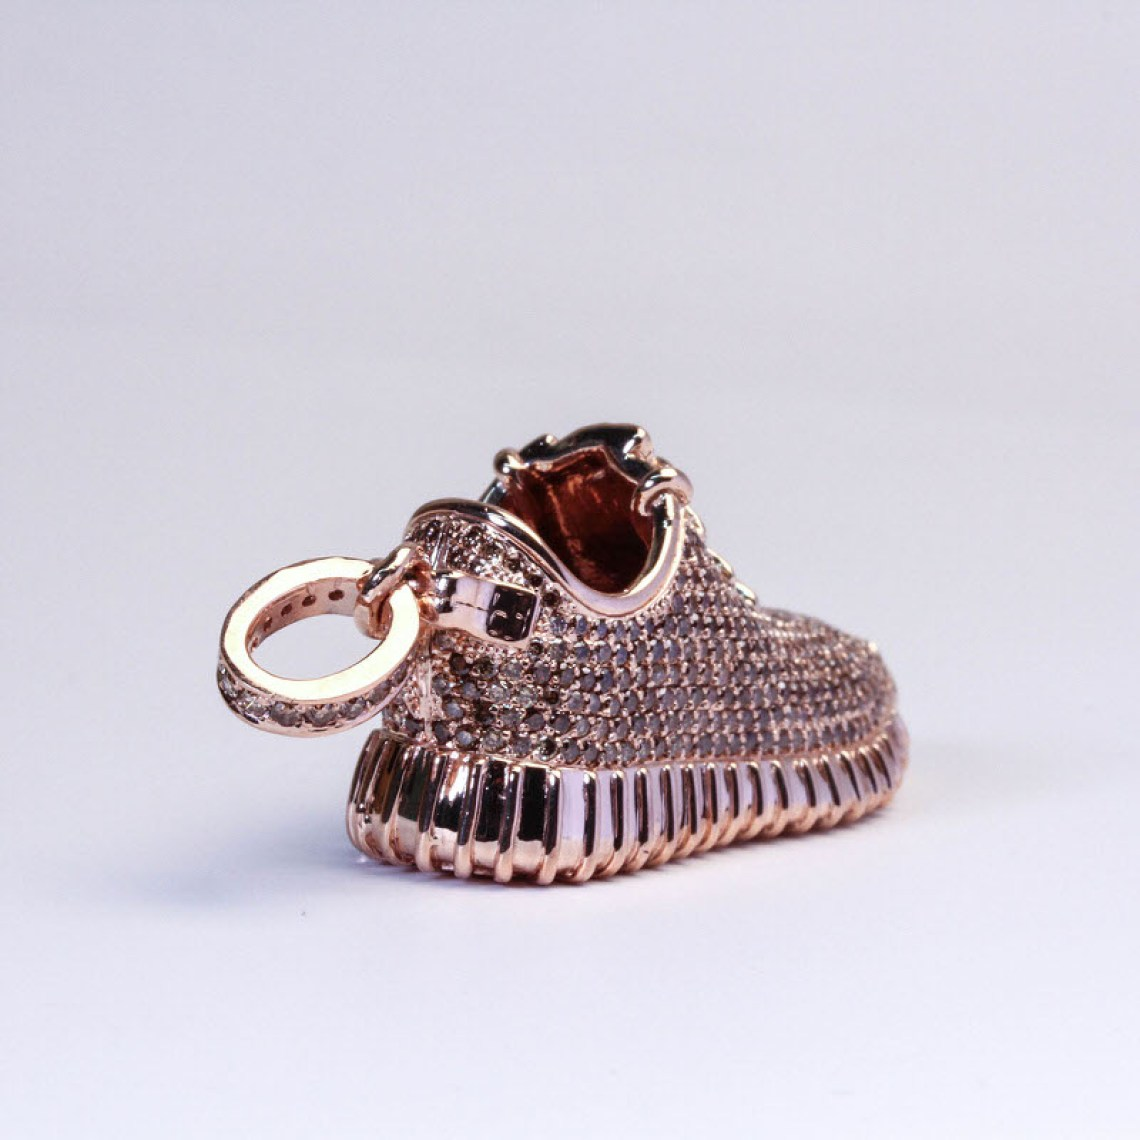 d1db9a815250 Ben Baller Rose Gold Adidas Yeezy Boost 350 Pendant Jewelry